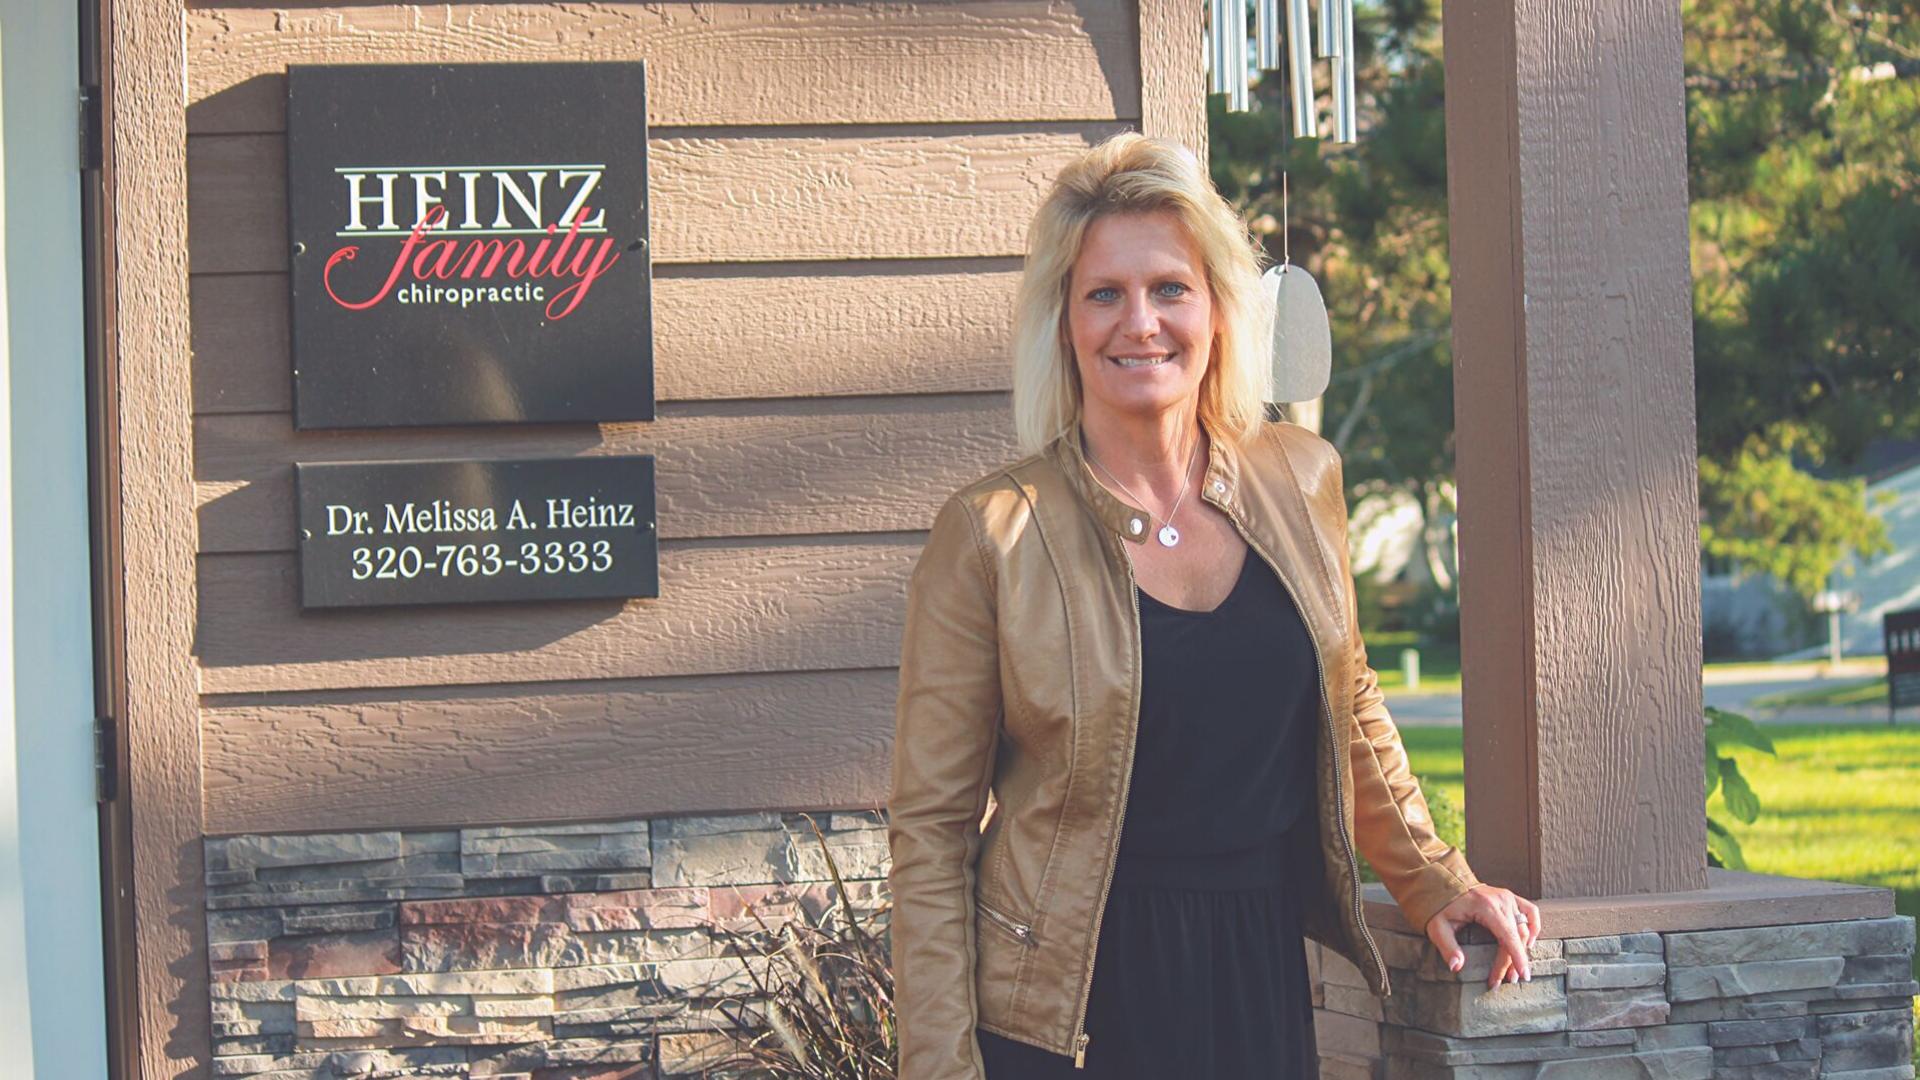 Heinz Family Chiropractic